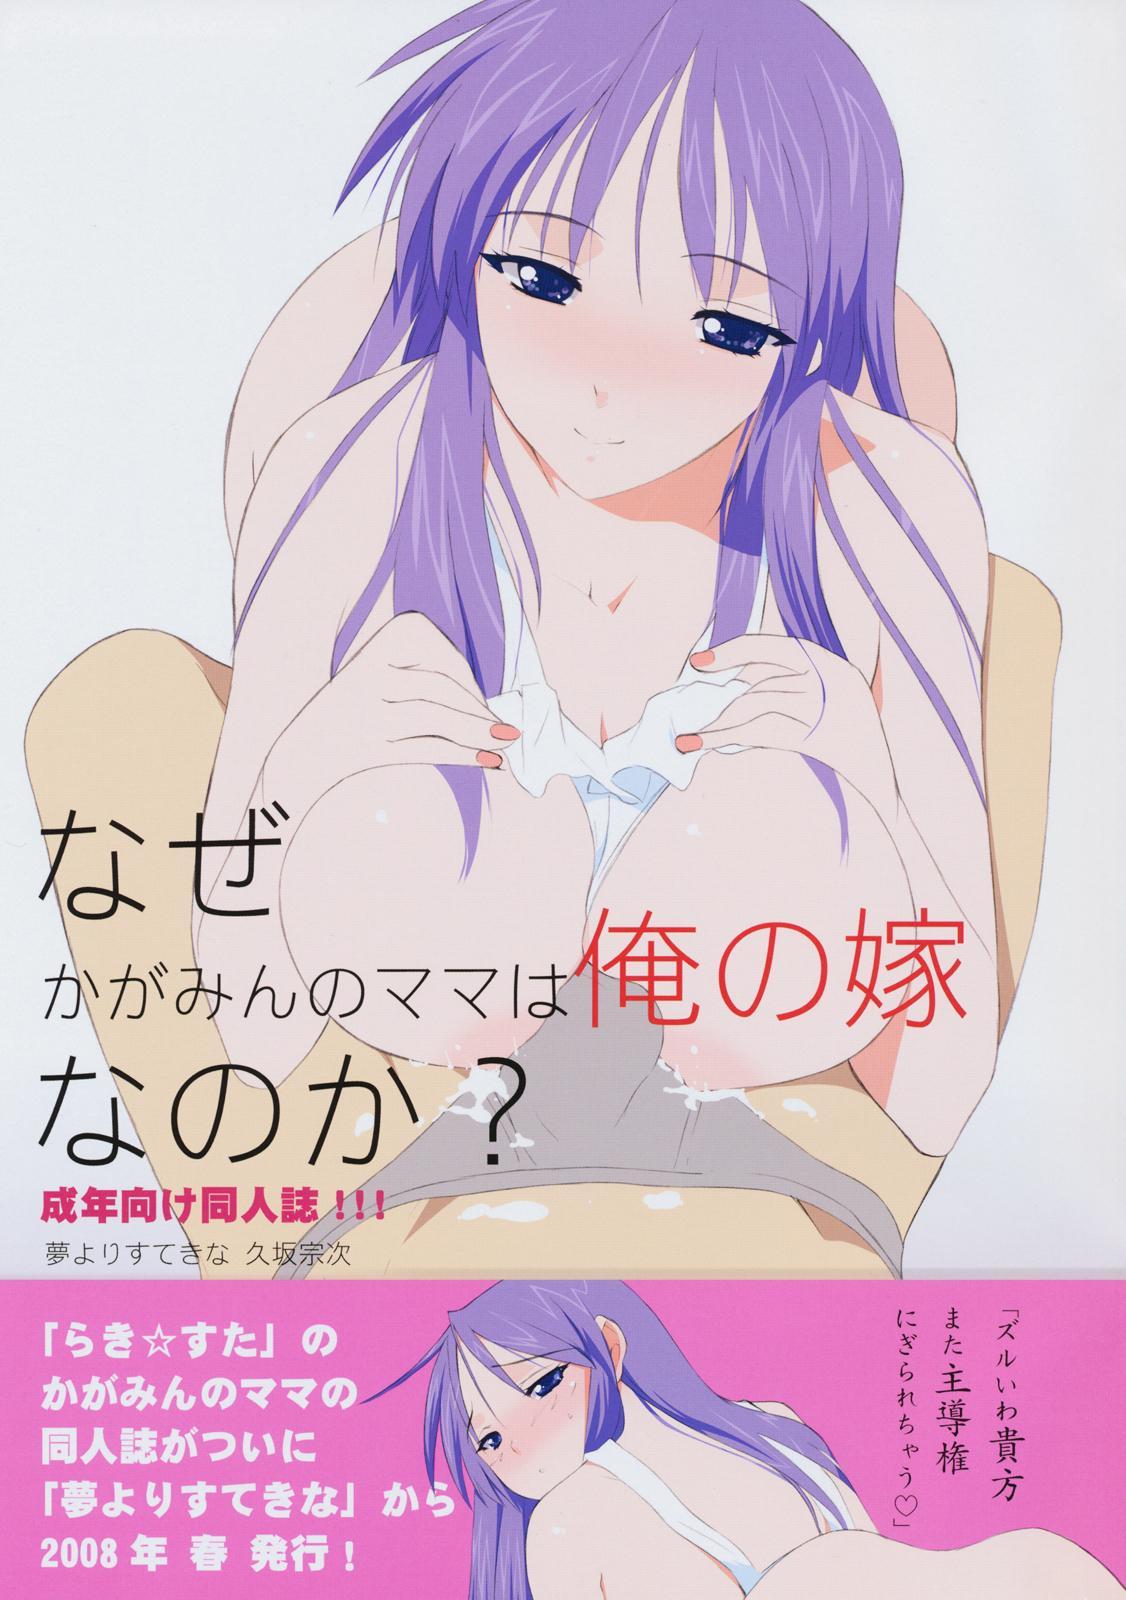 Naze Kagamin no Mama wa Ore no Yome Nano ka? 0